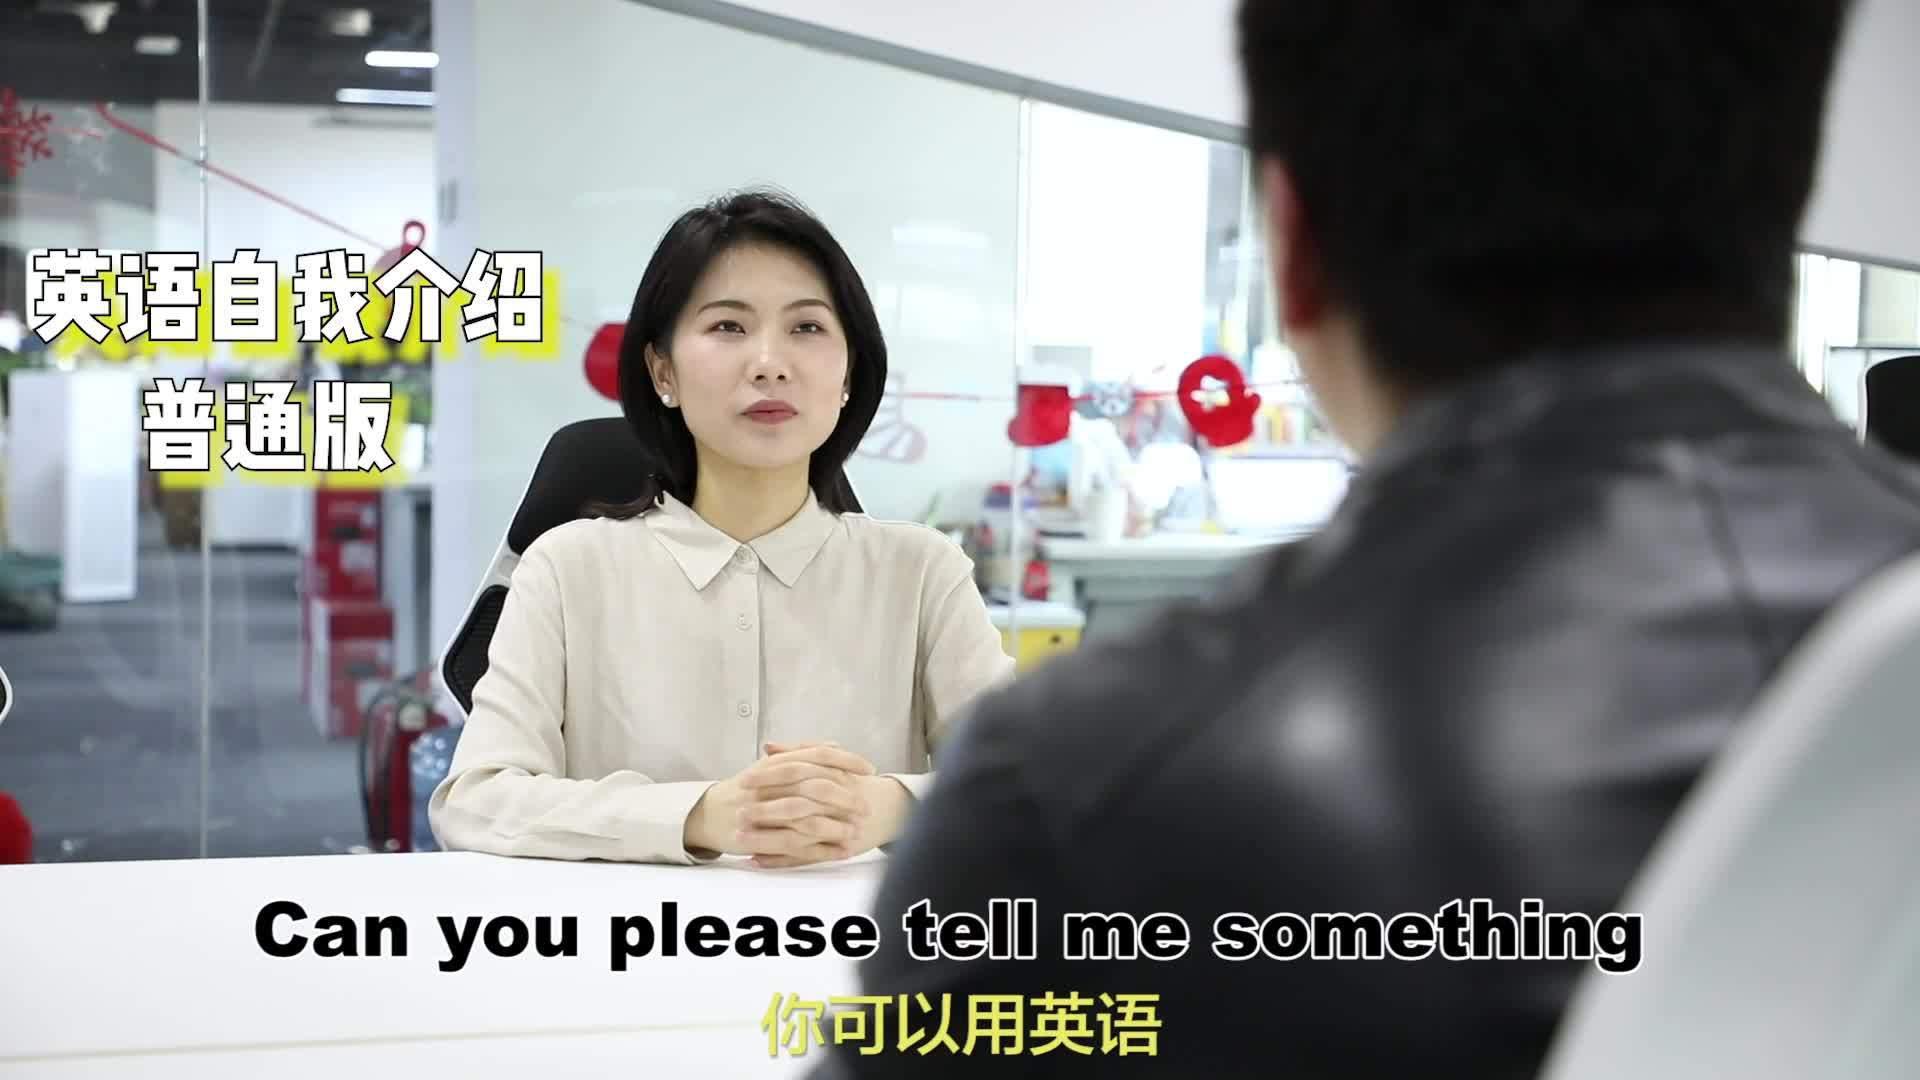 20考研复试英文自我介绍干货来了!!